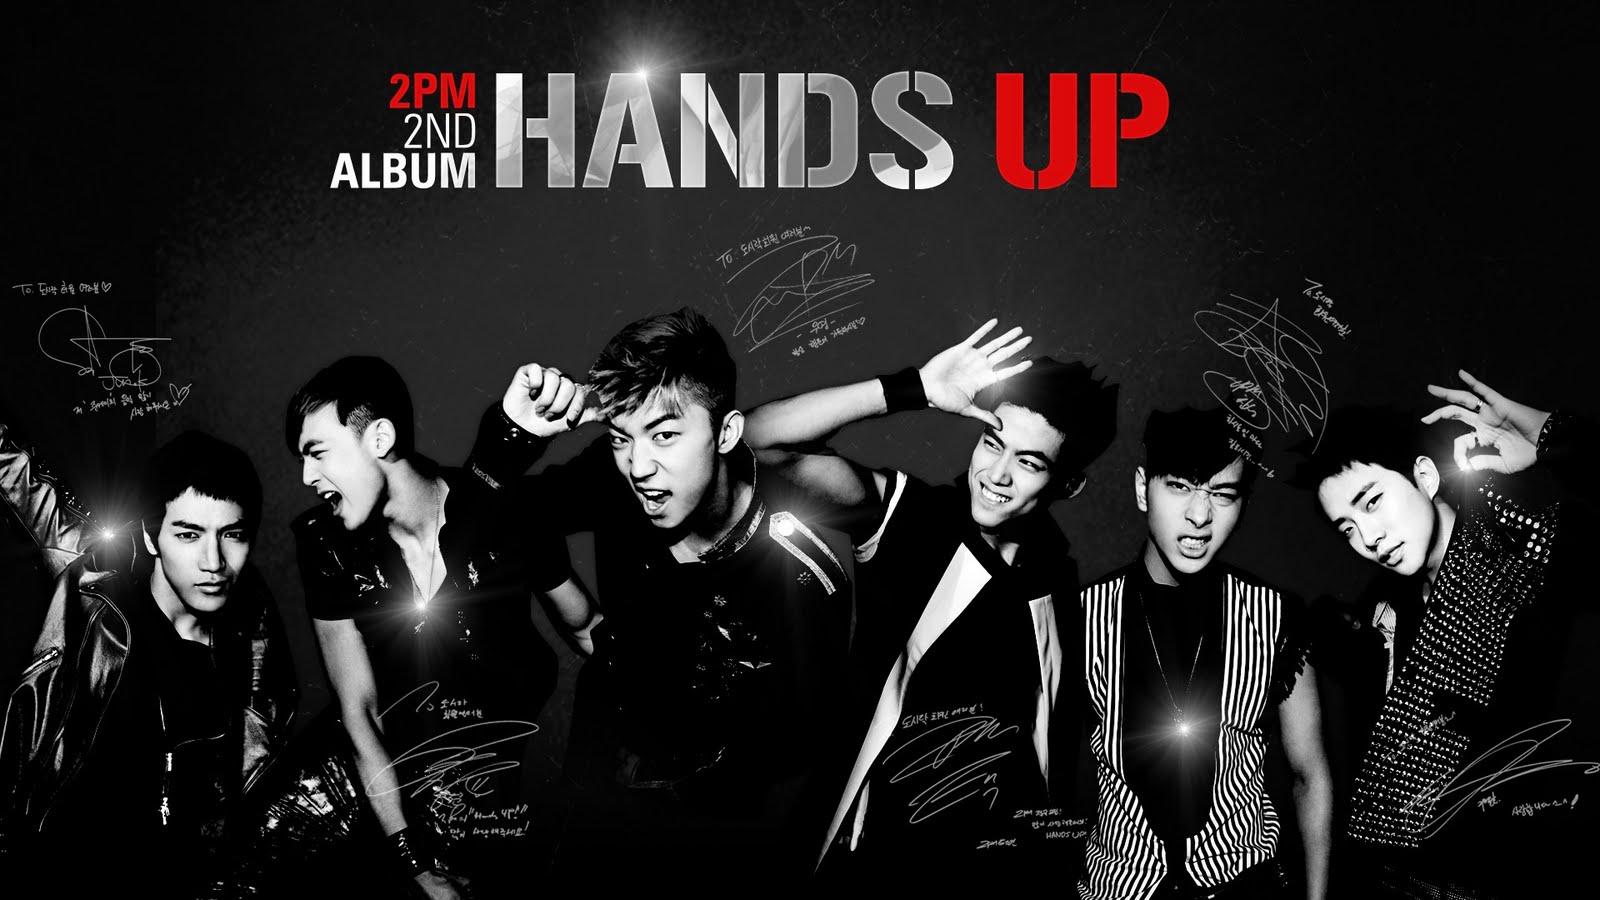 http://4.bp.blogspot.com/-vlj9vIMnTyc/TjMvSo8SJvI/AAAAAAAAAz8/Je9qbRhWvVs/s1600/2PM+2011+Hands+Up+Wallpaper+1.jpg